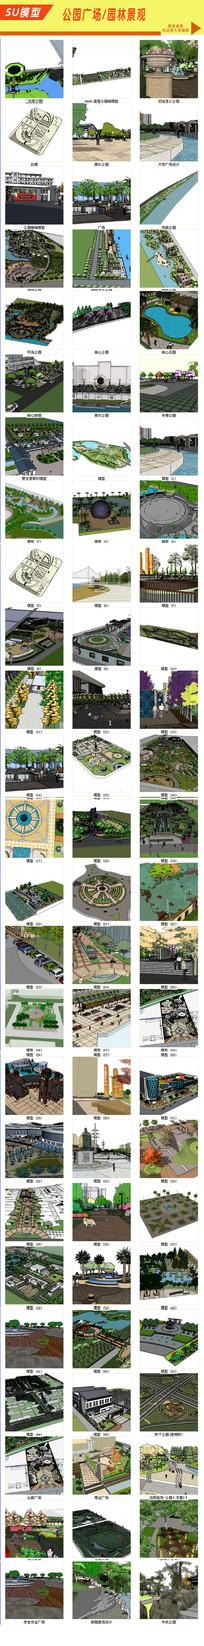 公园广场 园林观景